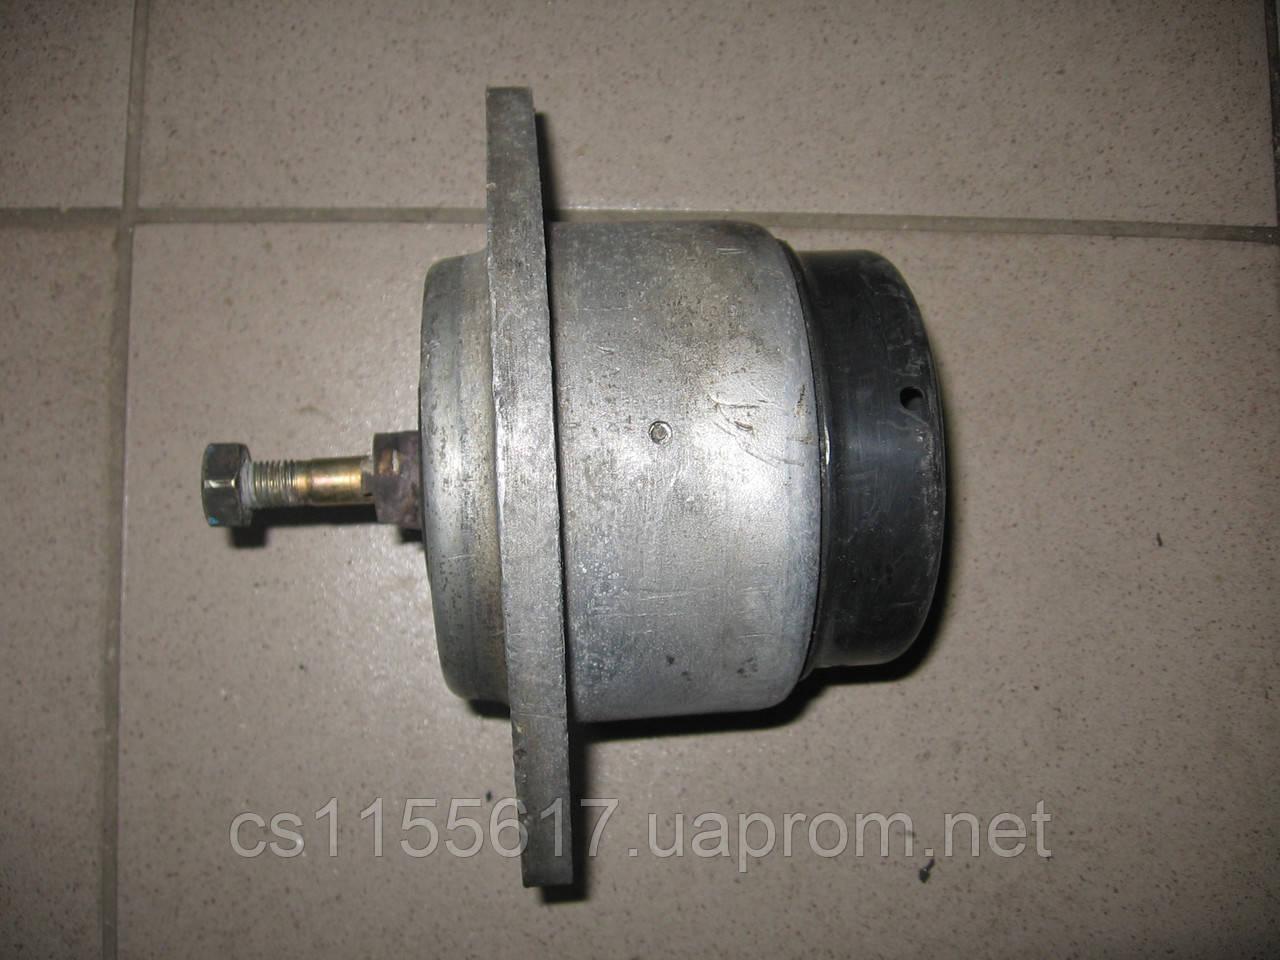 Подушка двигателя 7589520 б/у на Fiat Uno 1.7D, 1.9D год 1986-1994